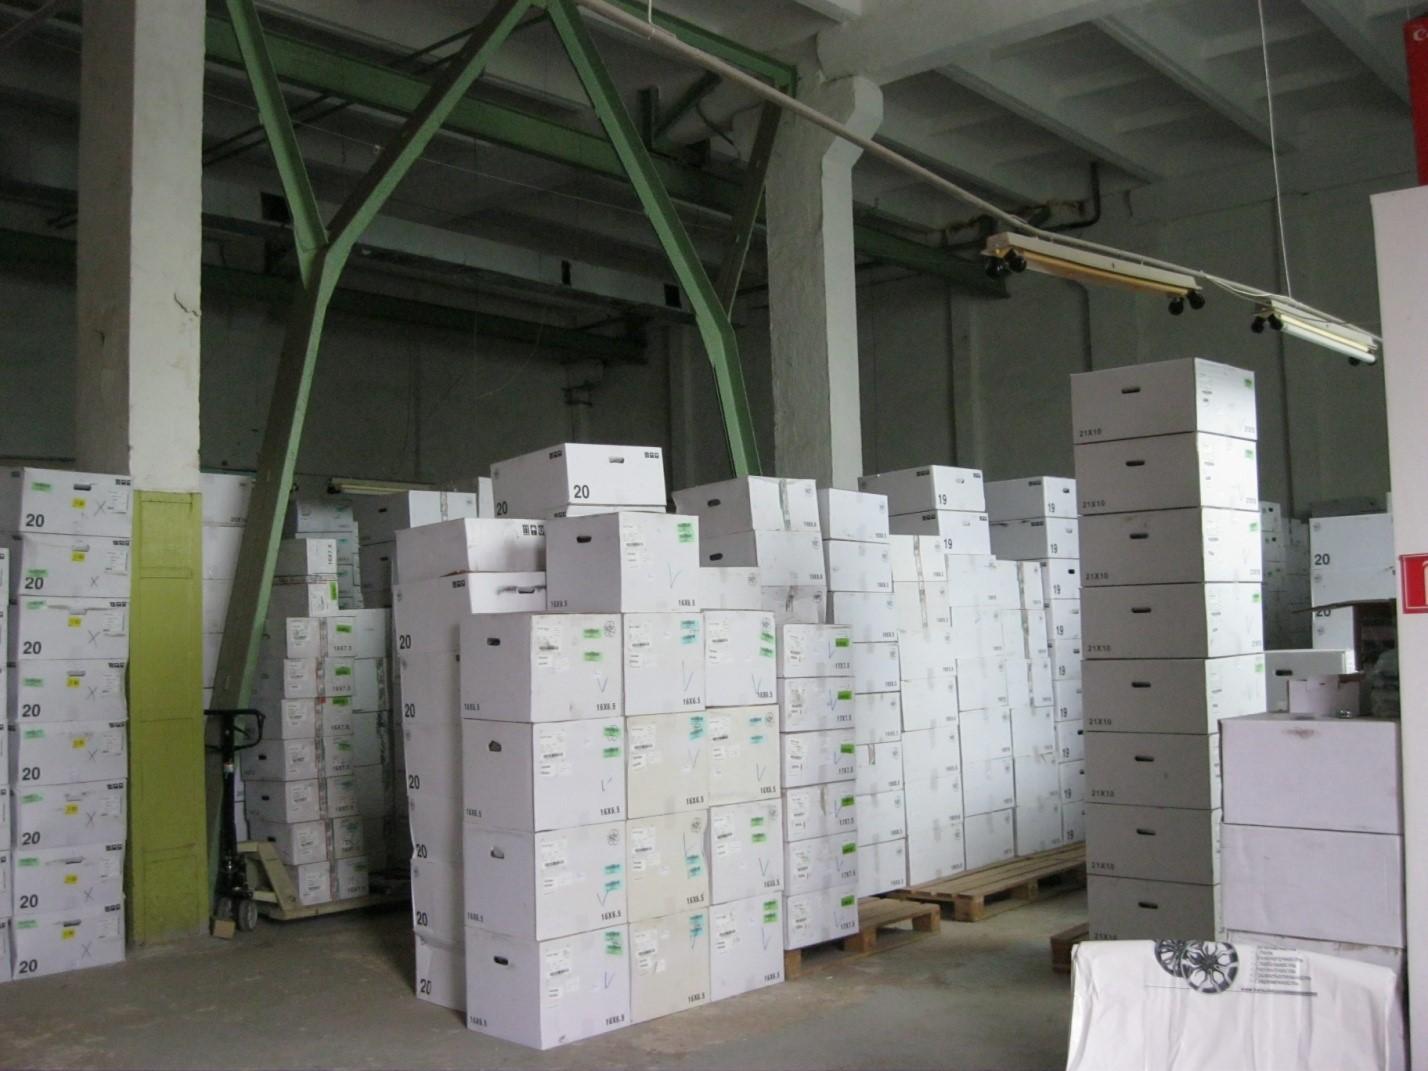 Нежитлове приміщення 1-Технічний поверх головного виробничого корпусу, в м. Тисмениця, площею   317,4   кв.м